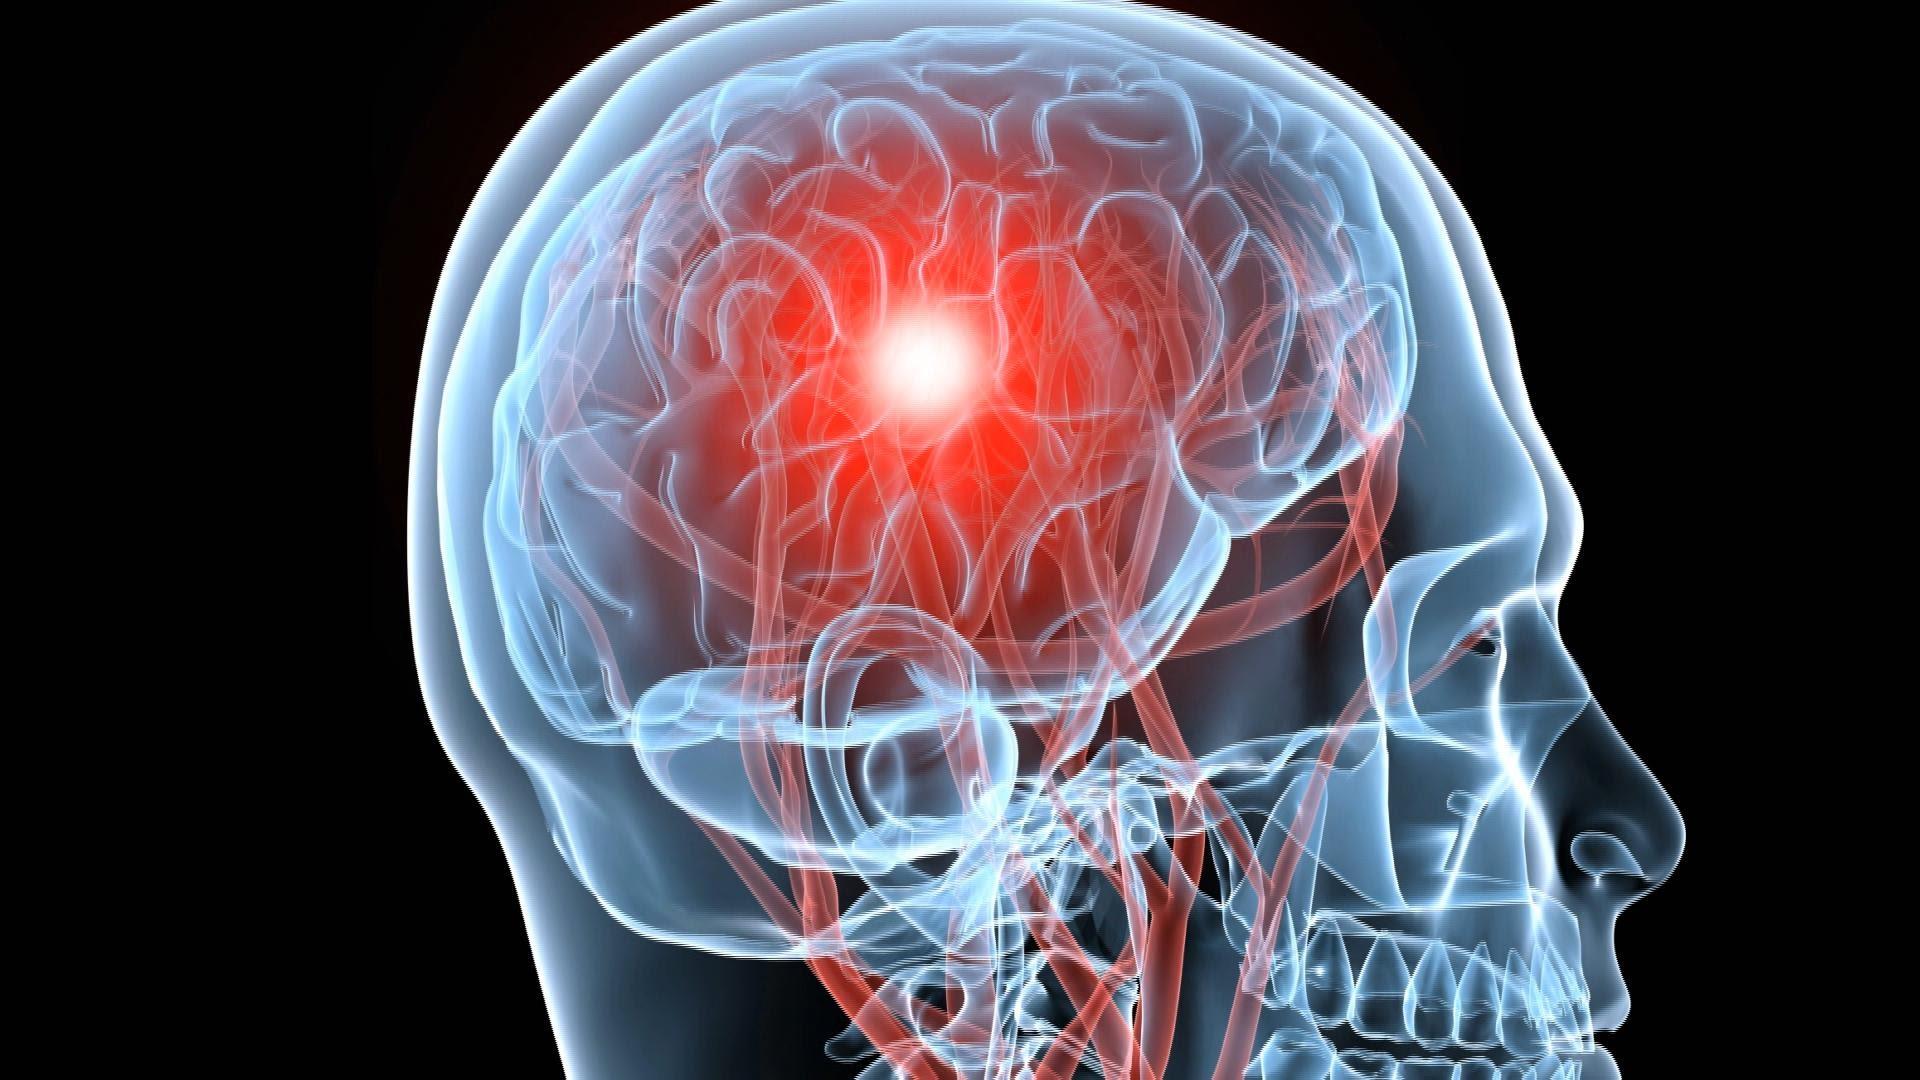 pierdere gravă în greutate după accident vascular cerebral